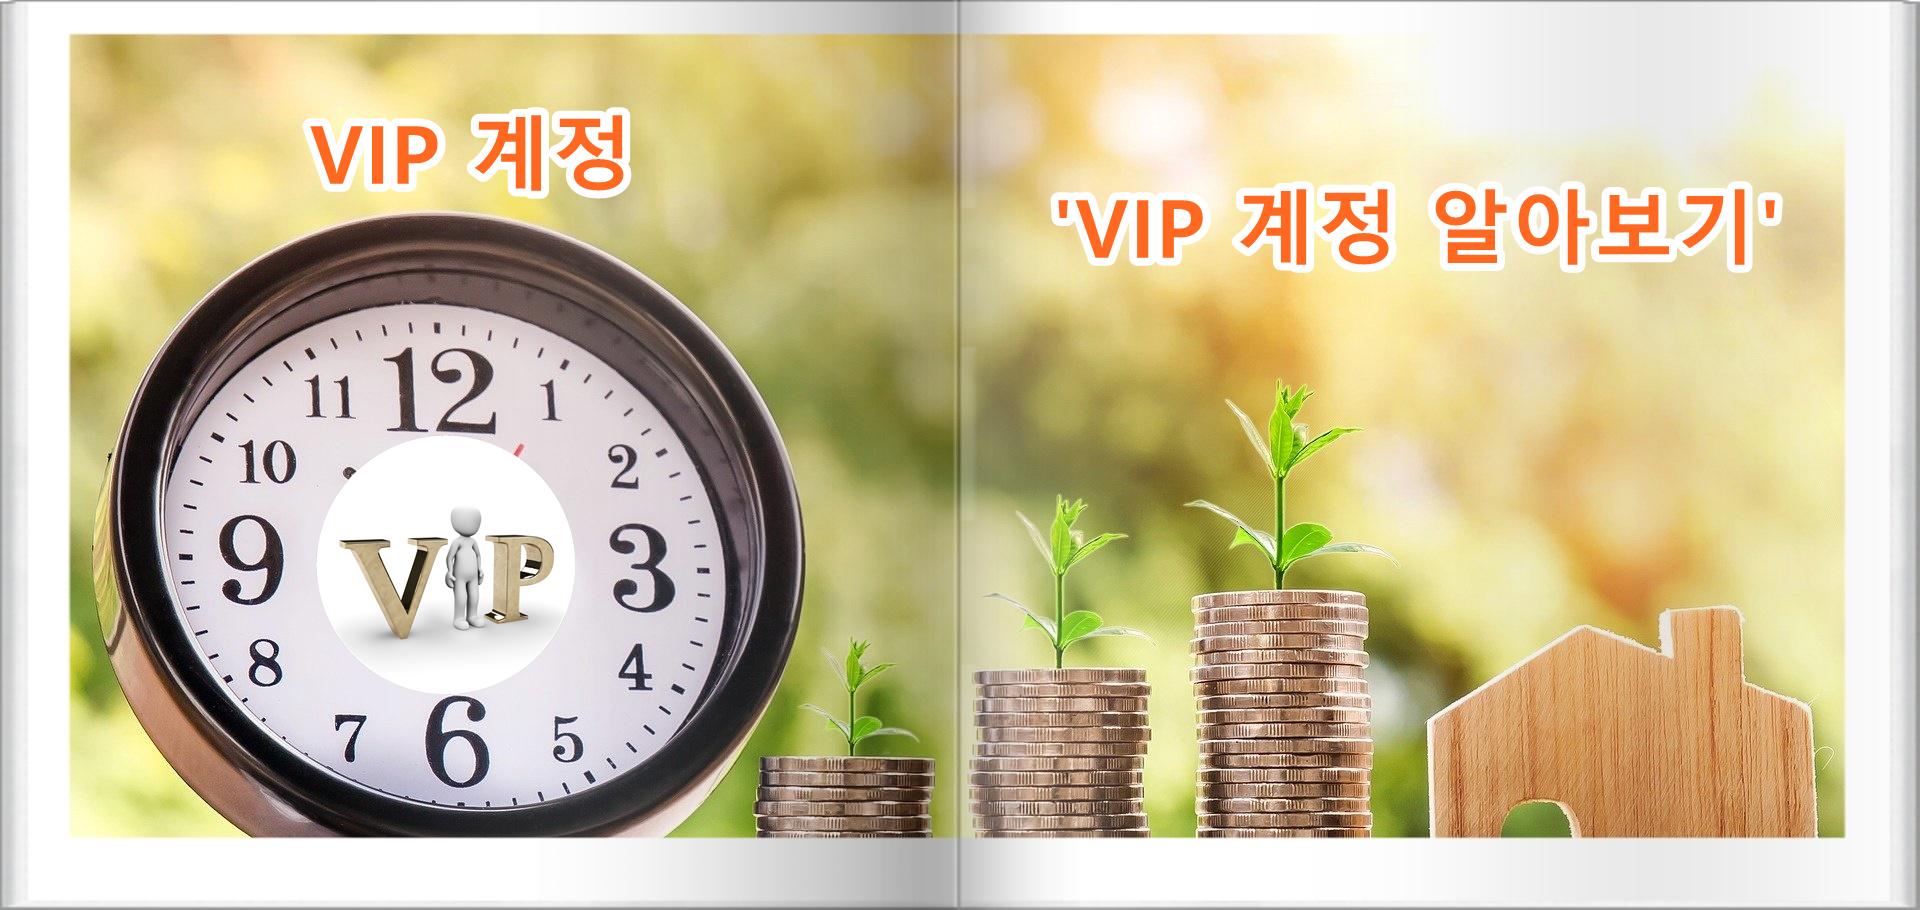 콕플레이(KOK-PLAY) 메뉴얼 5편 – VIP 계정插图